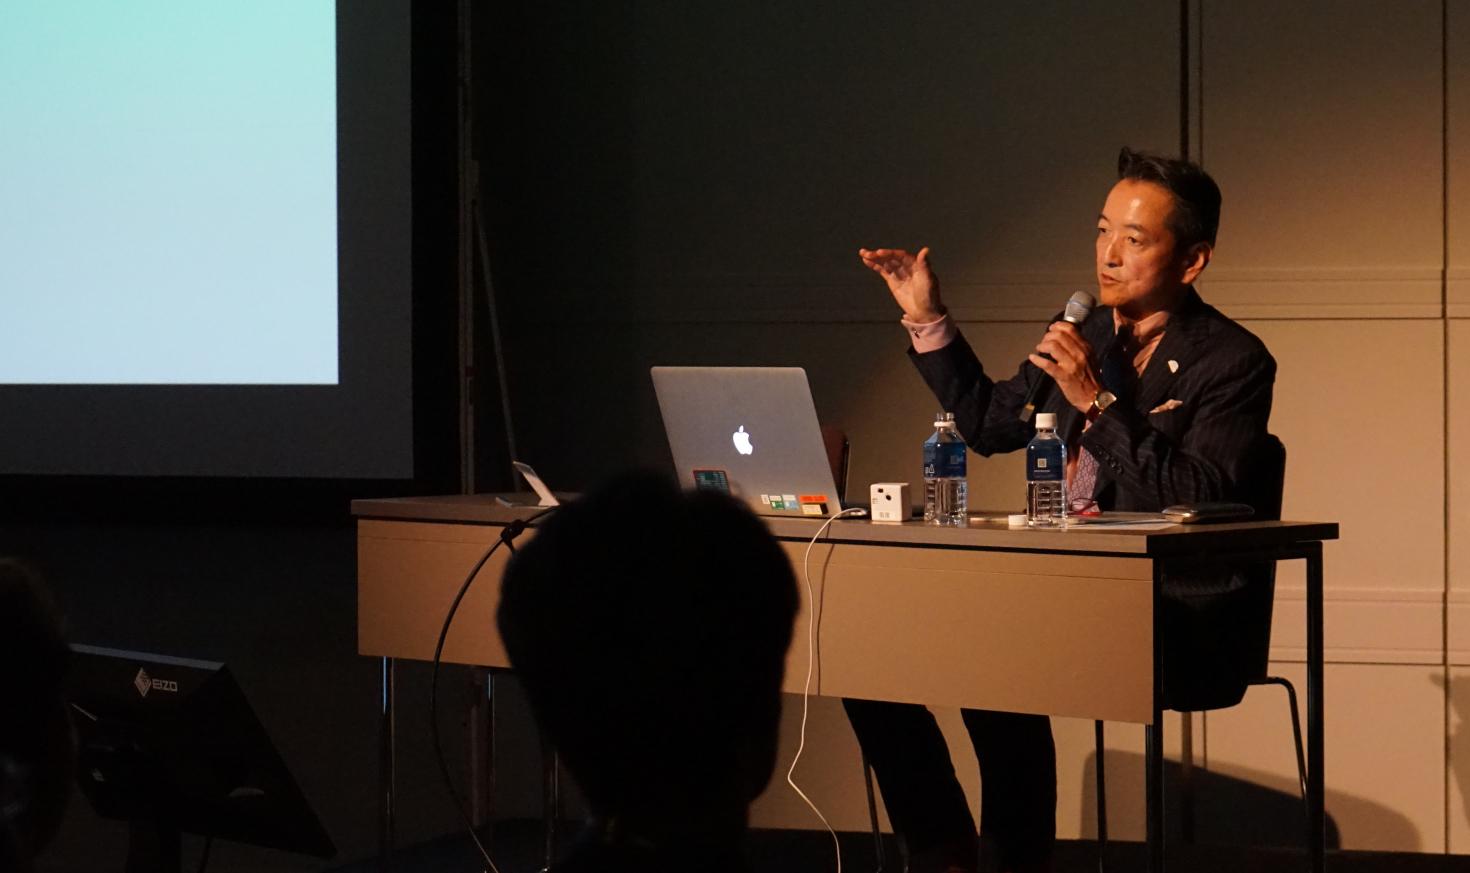 トヨタのデザインとブランドはいかにして生まれたか  福市得雄氏が「本音」で語ったデザイン哲学